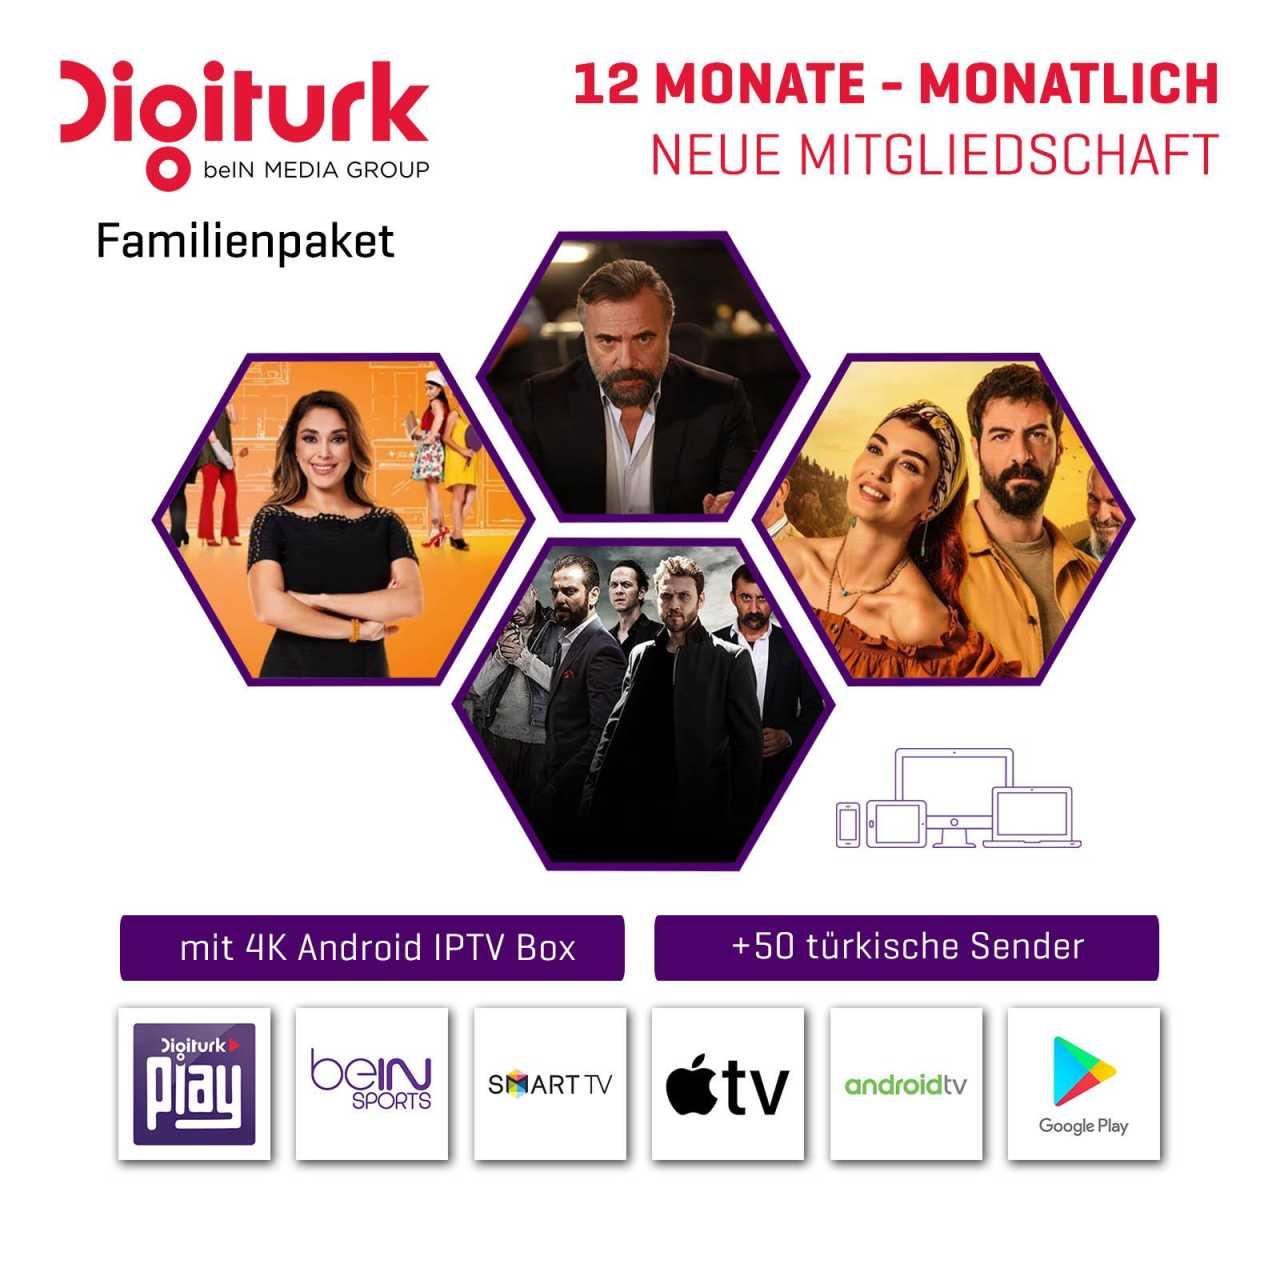 Digitürk Digitürk Play WEB TV IP HD Familienpaket mit 4K TV IP Box - Monatlich 7,90 ? - 12 Monate Abo ABODIG040